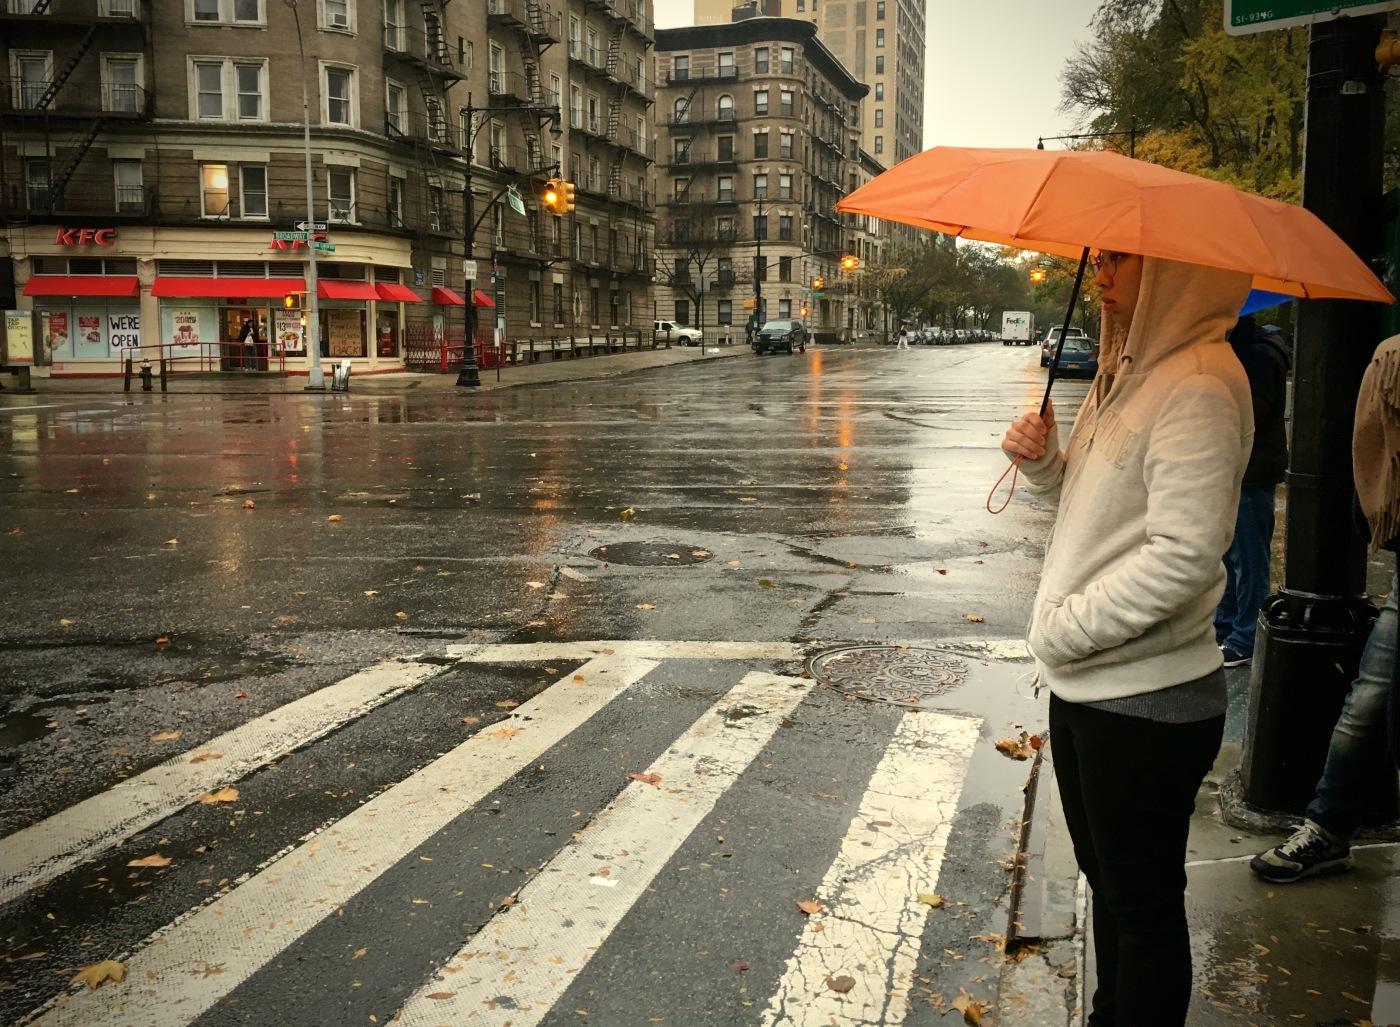 Day 314/4 Orange Umbrella